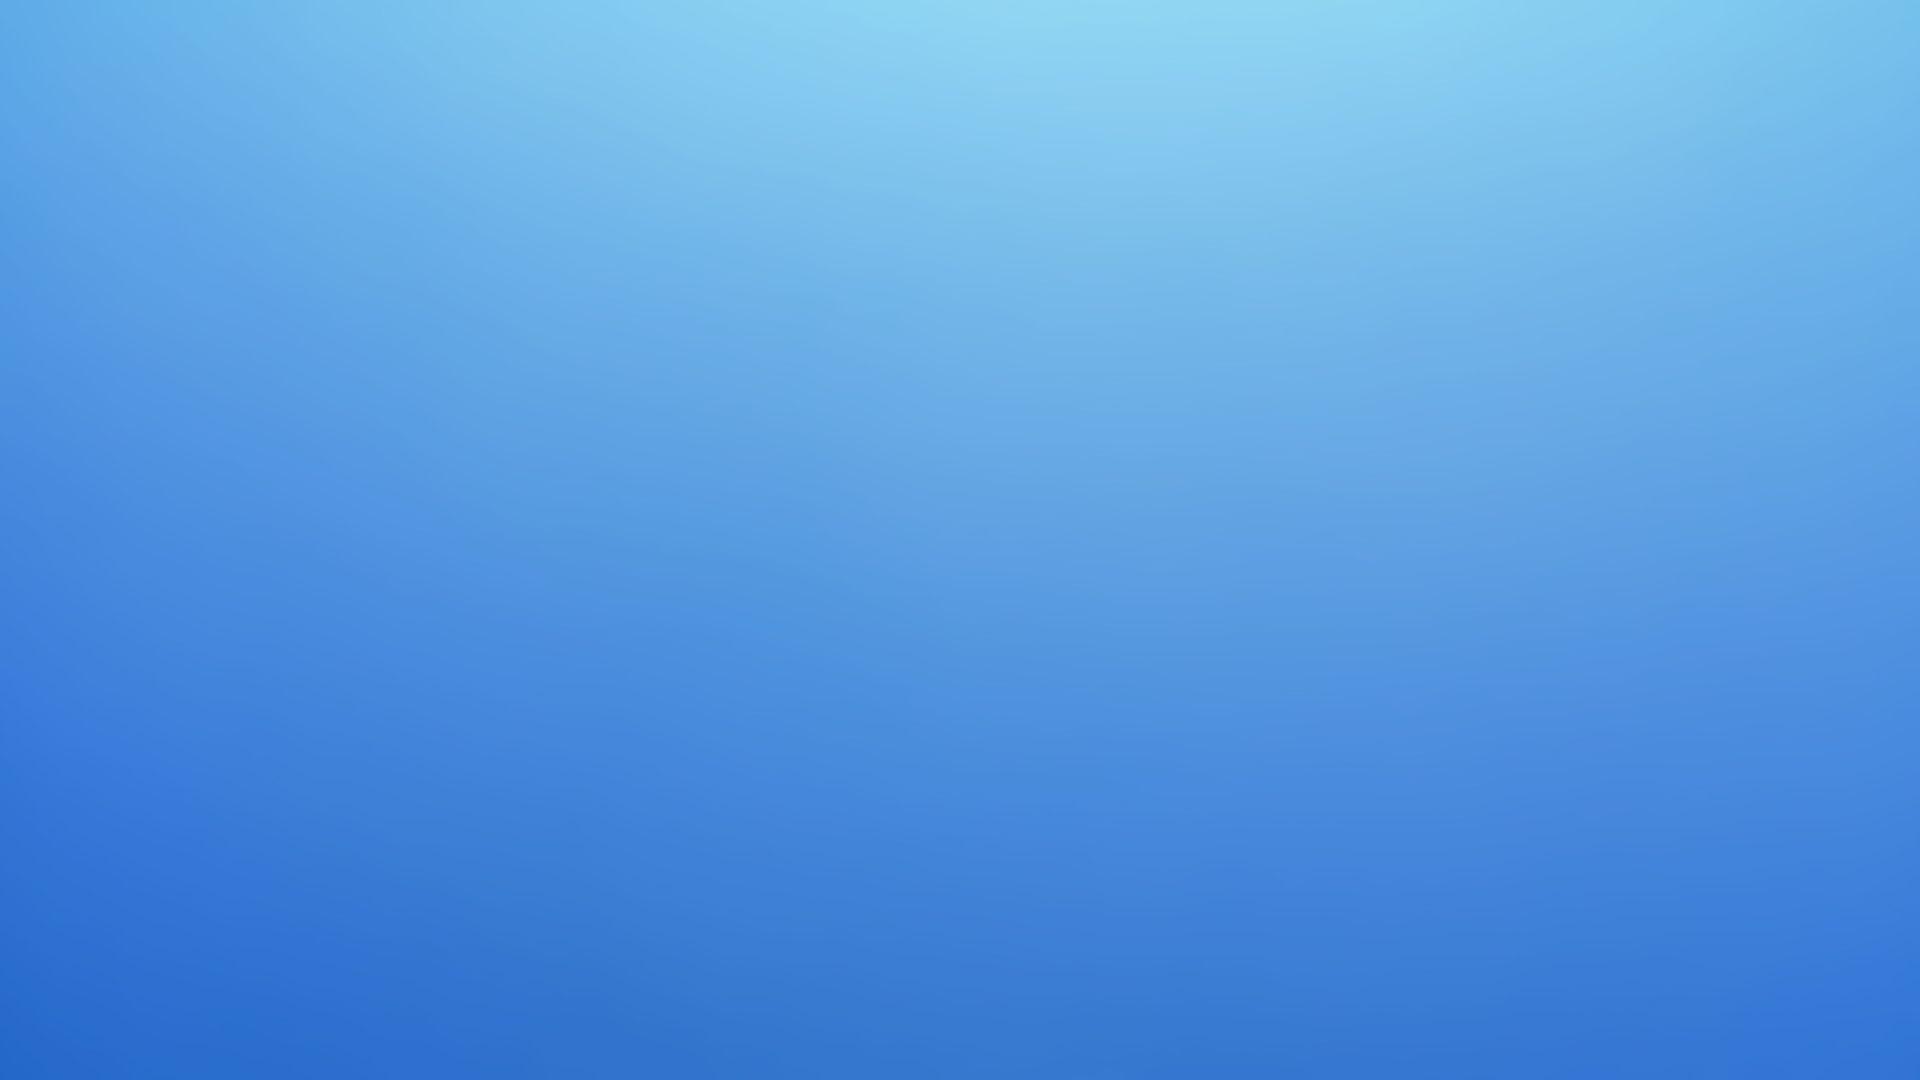 Cute Blue Minimalist full hd wallpaper